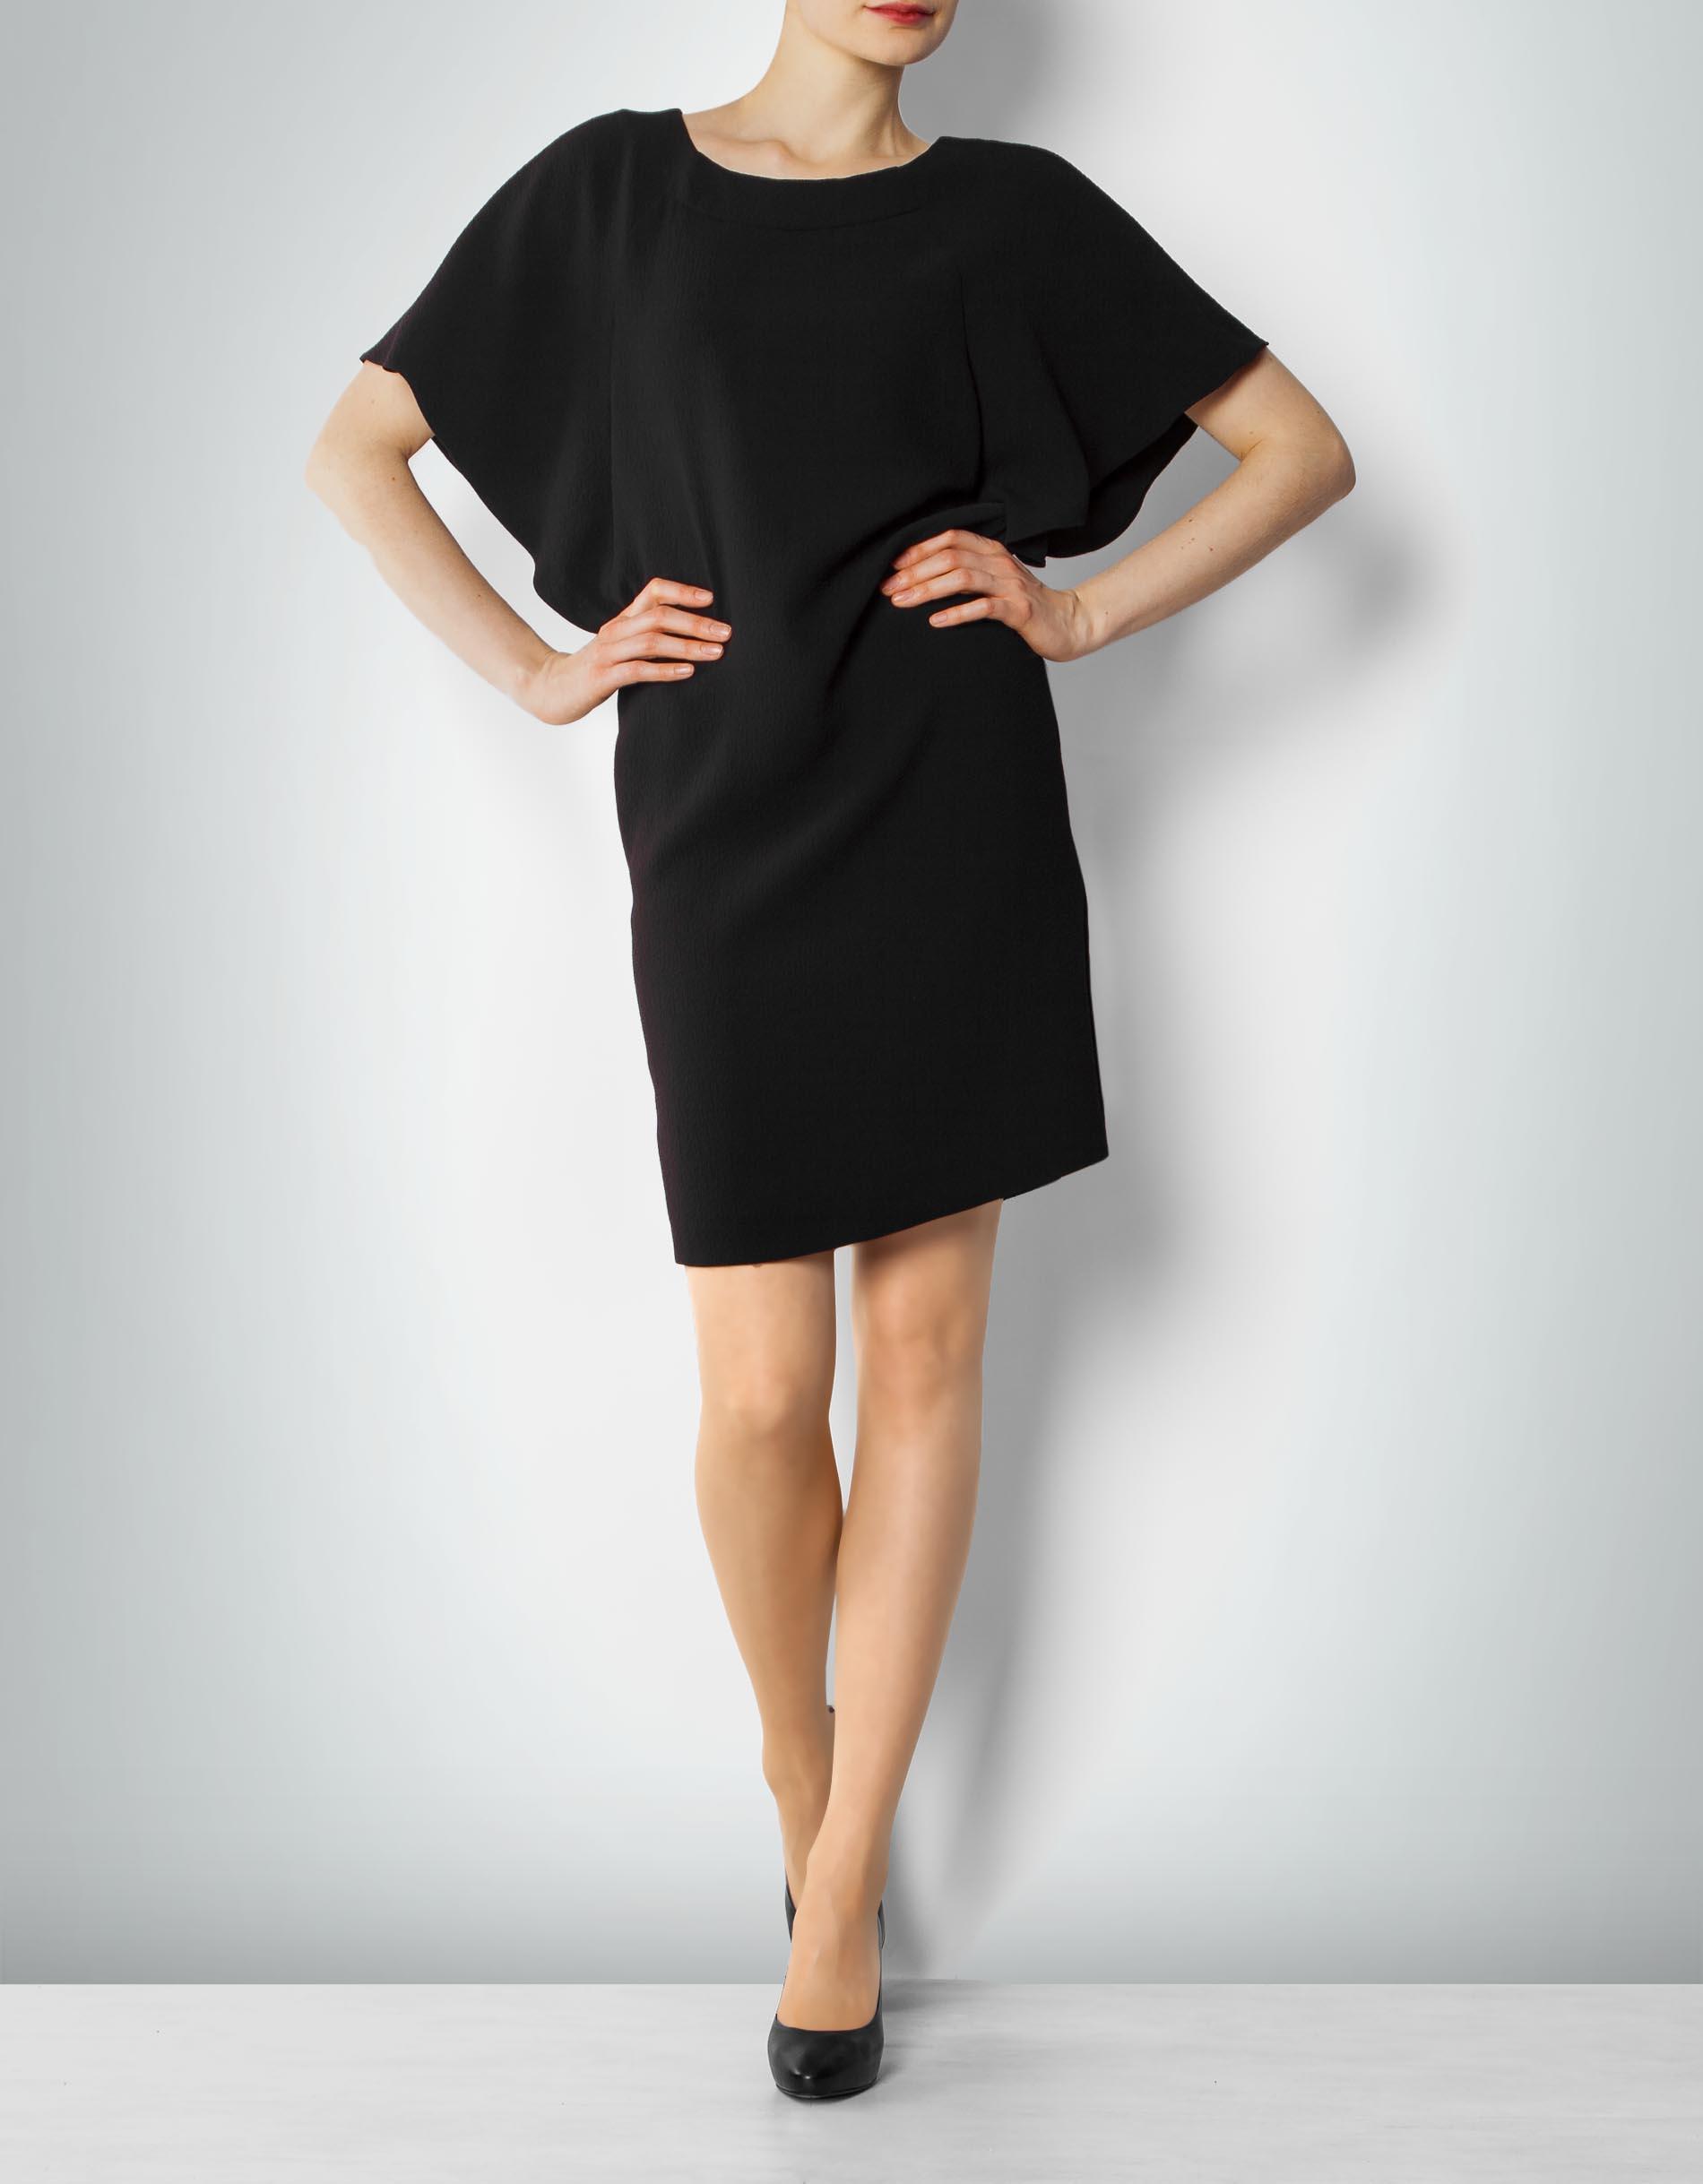 laur l damen kleid mit fledermaus rmel empfohlen von. Black Bedroom Furniture Sets. Home Design Ideas